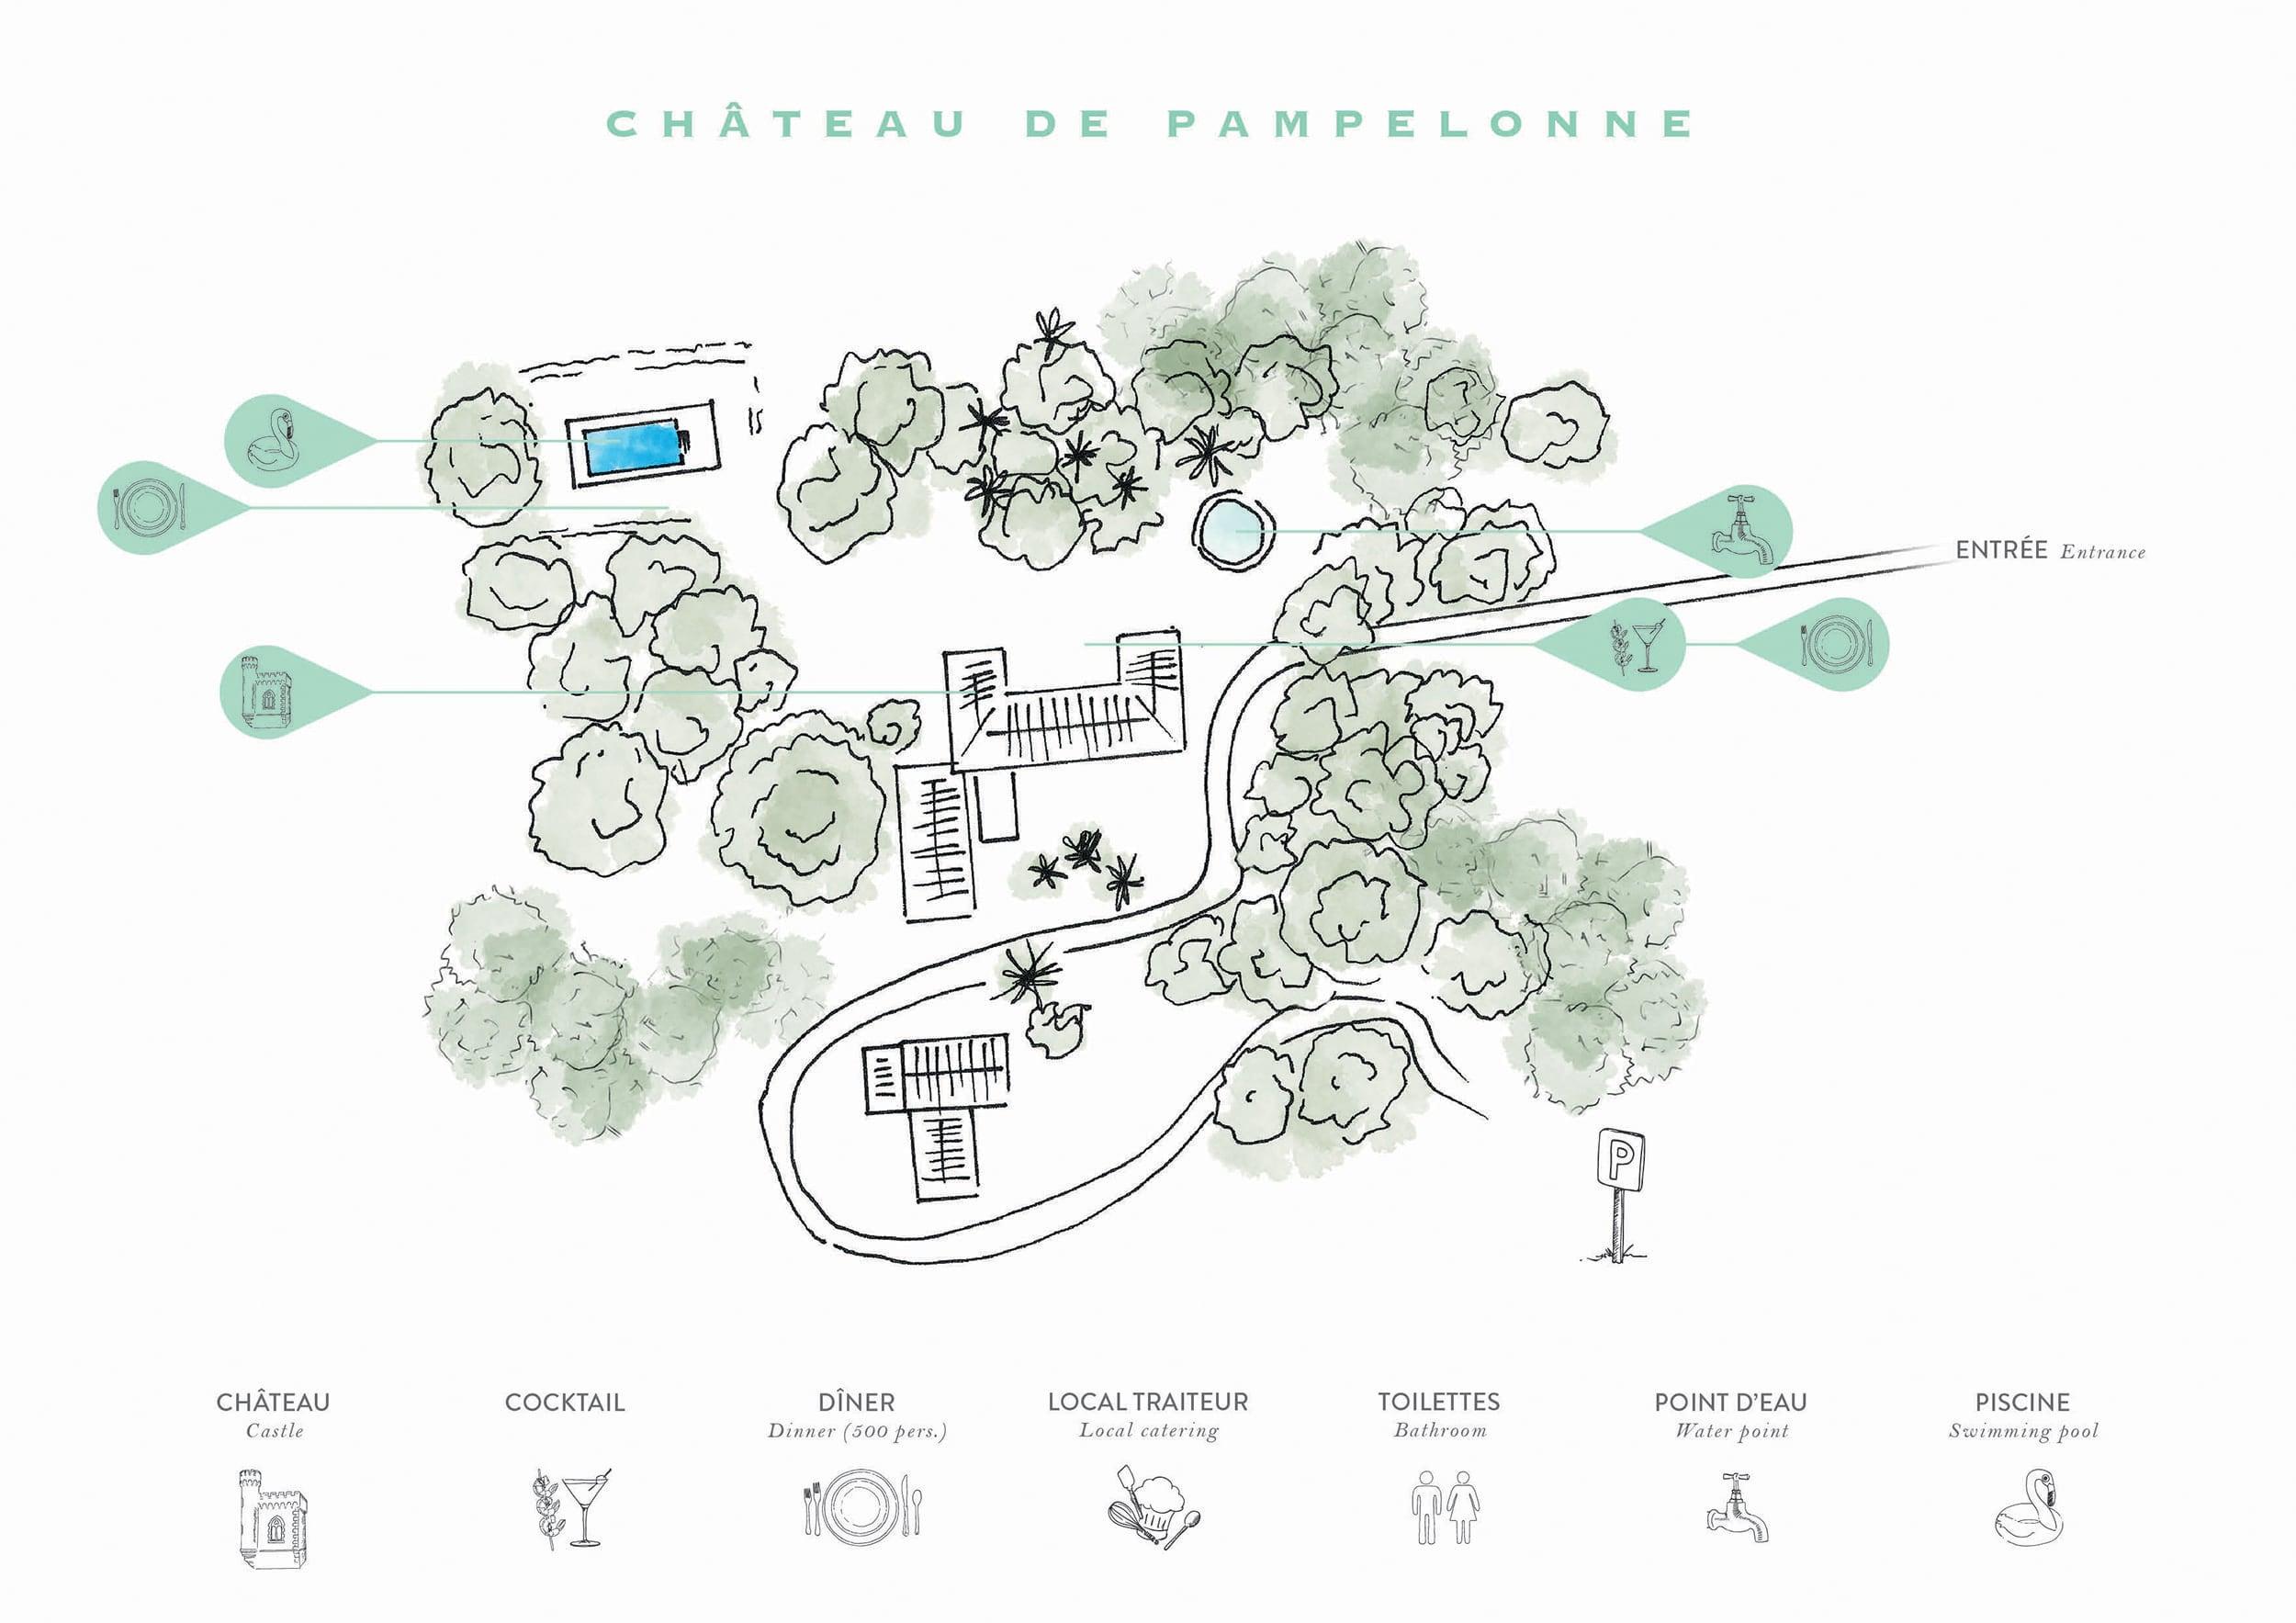 Plan Ou Photo Pool House Pour Piscine the château de pampelonne - receptions and roland paix venue